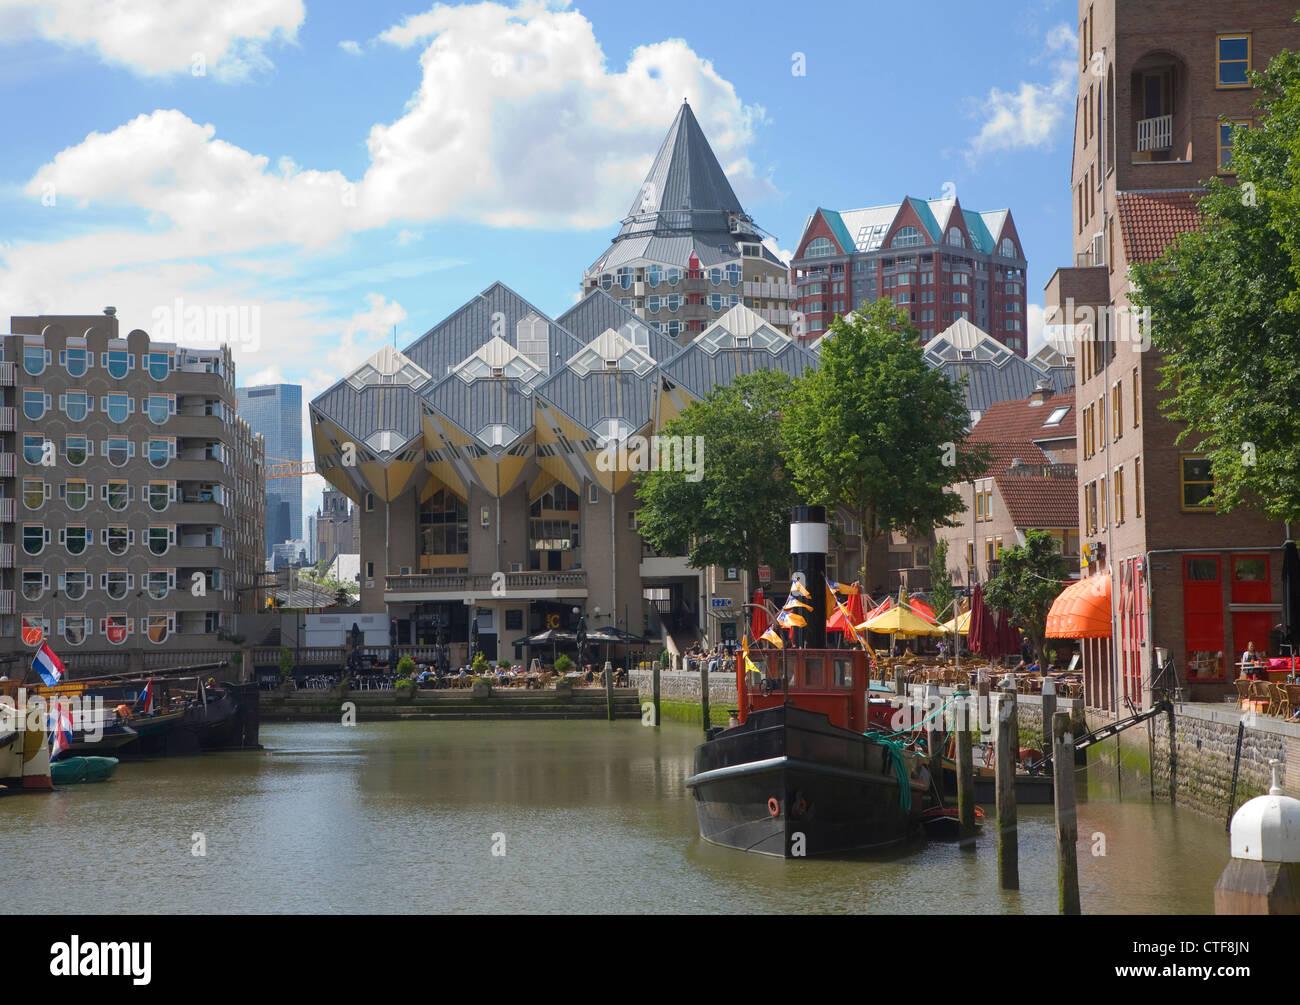 Barcos históricos y del paseo marítimo, restaurantes, Oude Haven, Rotterdam, Países Bajos Imagen De Stock